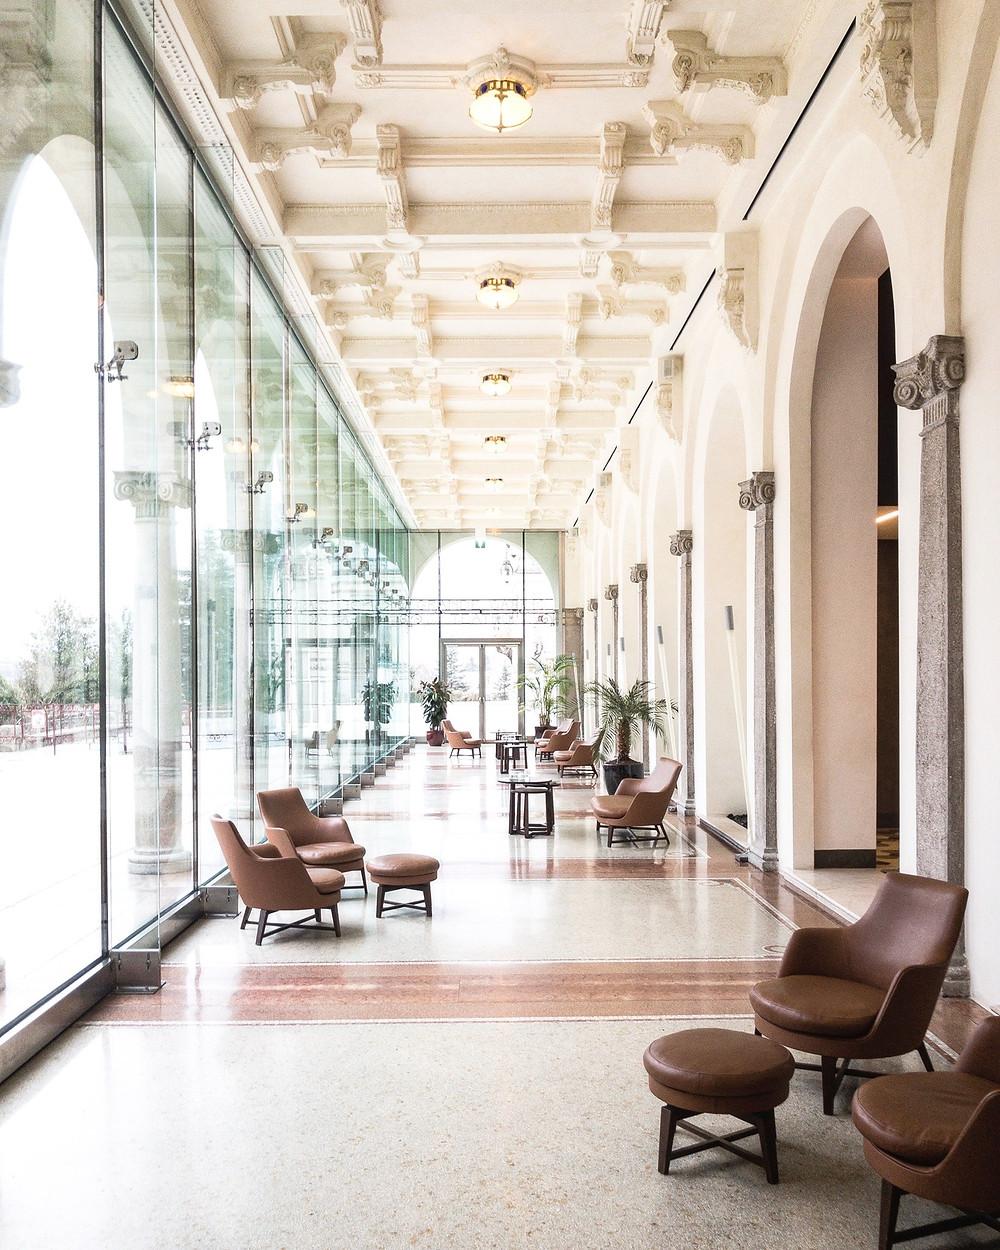 location matrimonio con soffitto alto bianco, vetrate e poltrone in pelle marrone